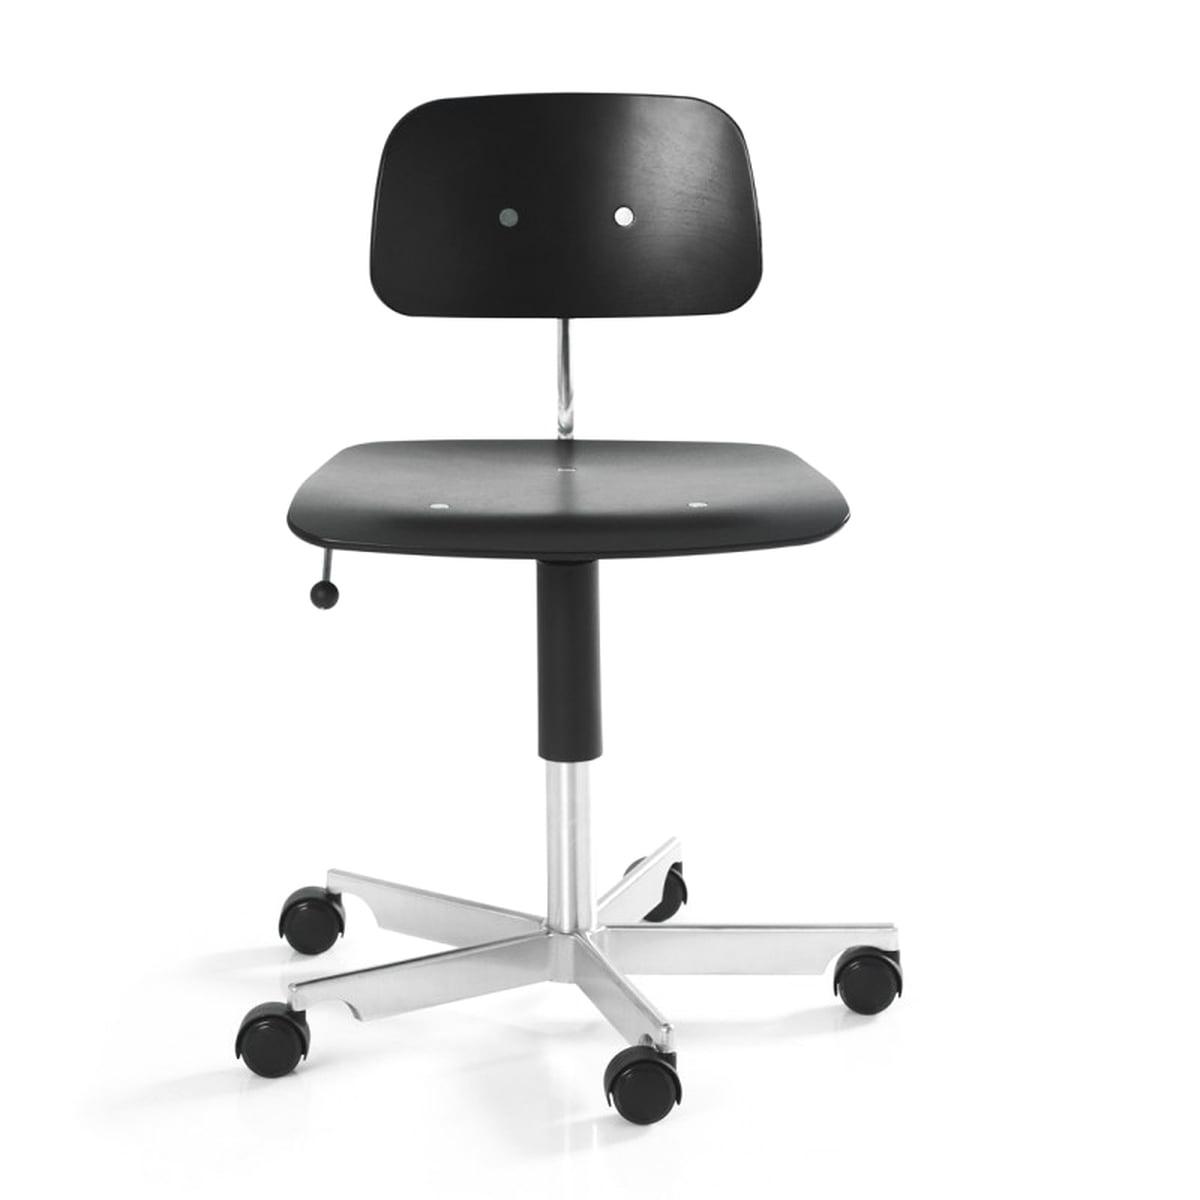 Bürostuhl designklassiker  Kevi 2003 Bürostuhl | Engelbrechts | Shop